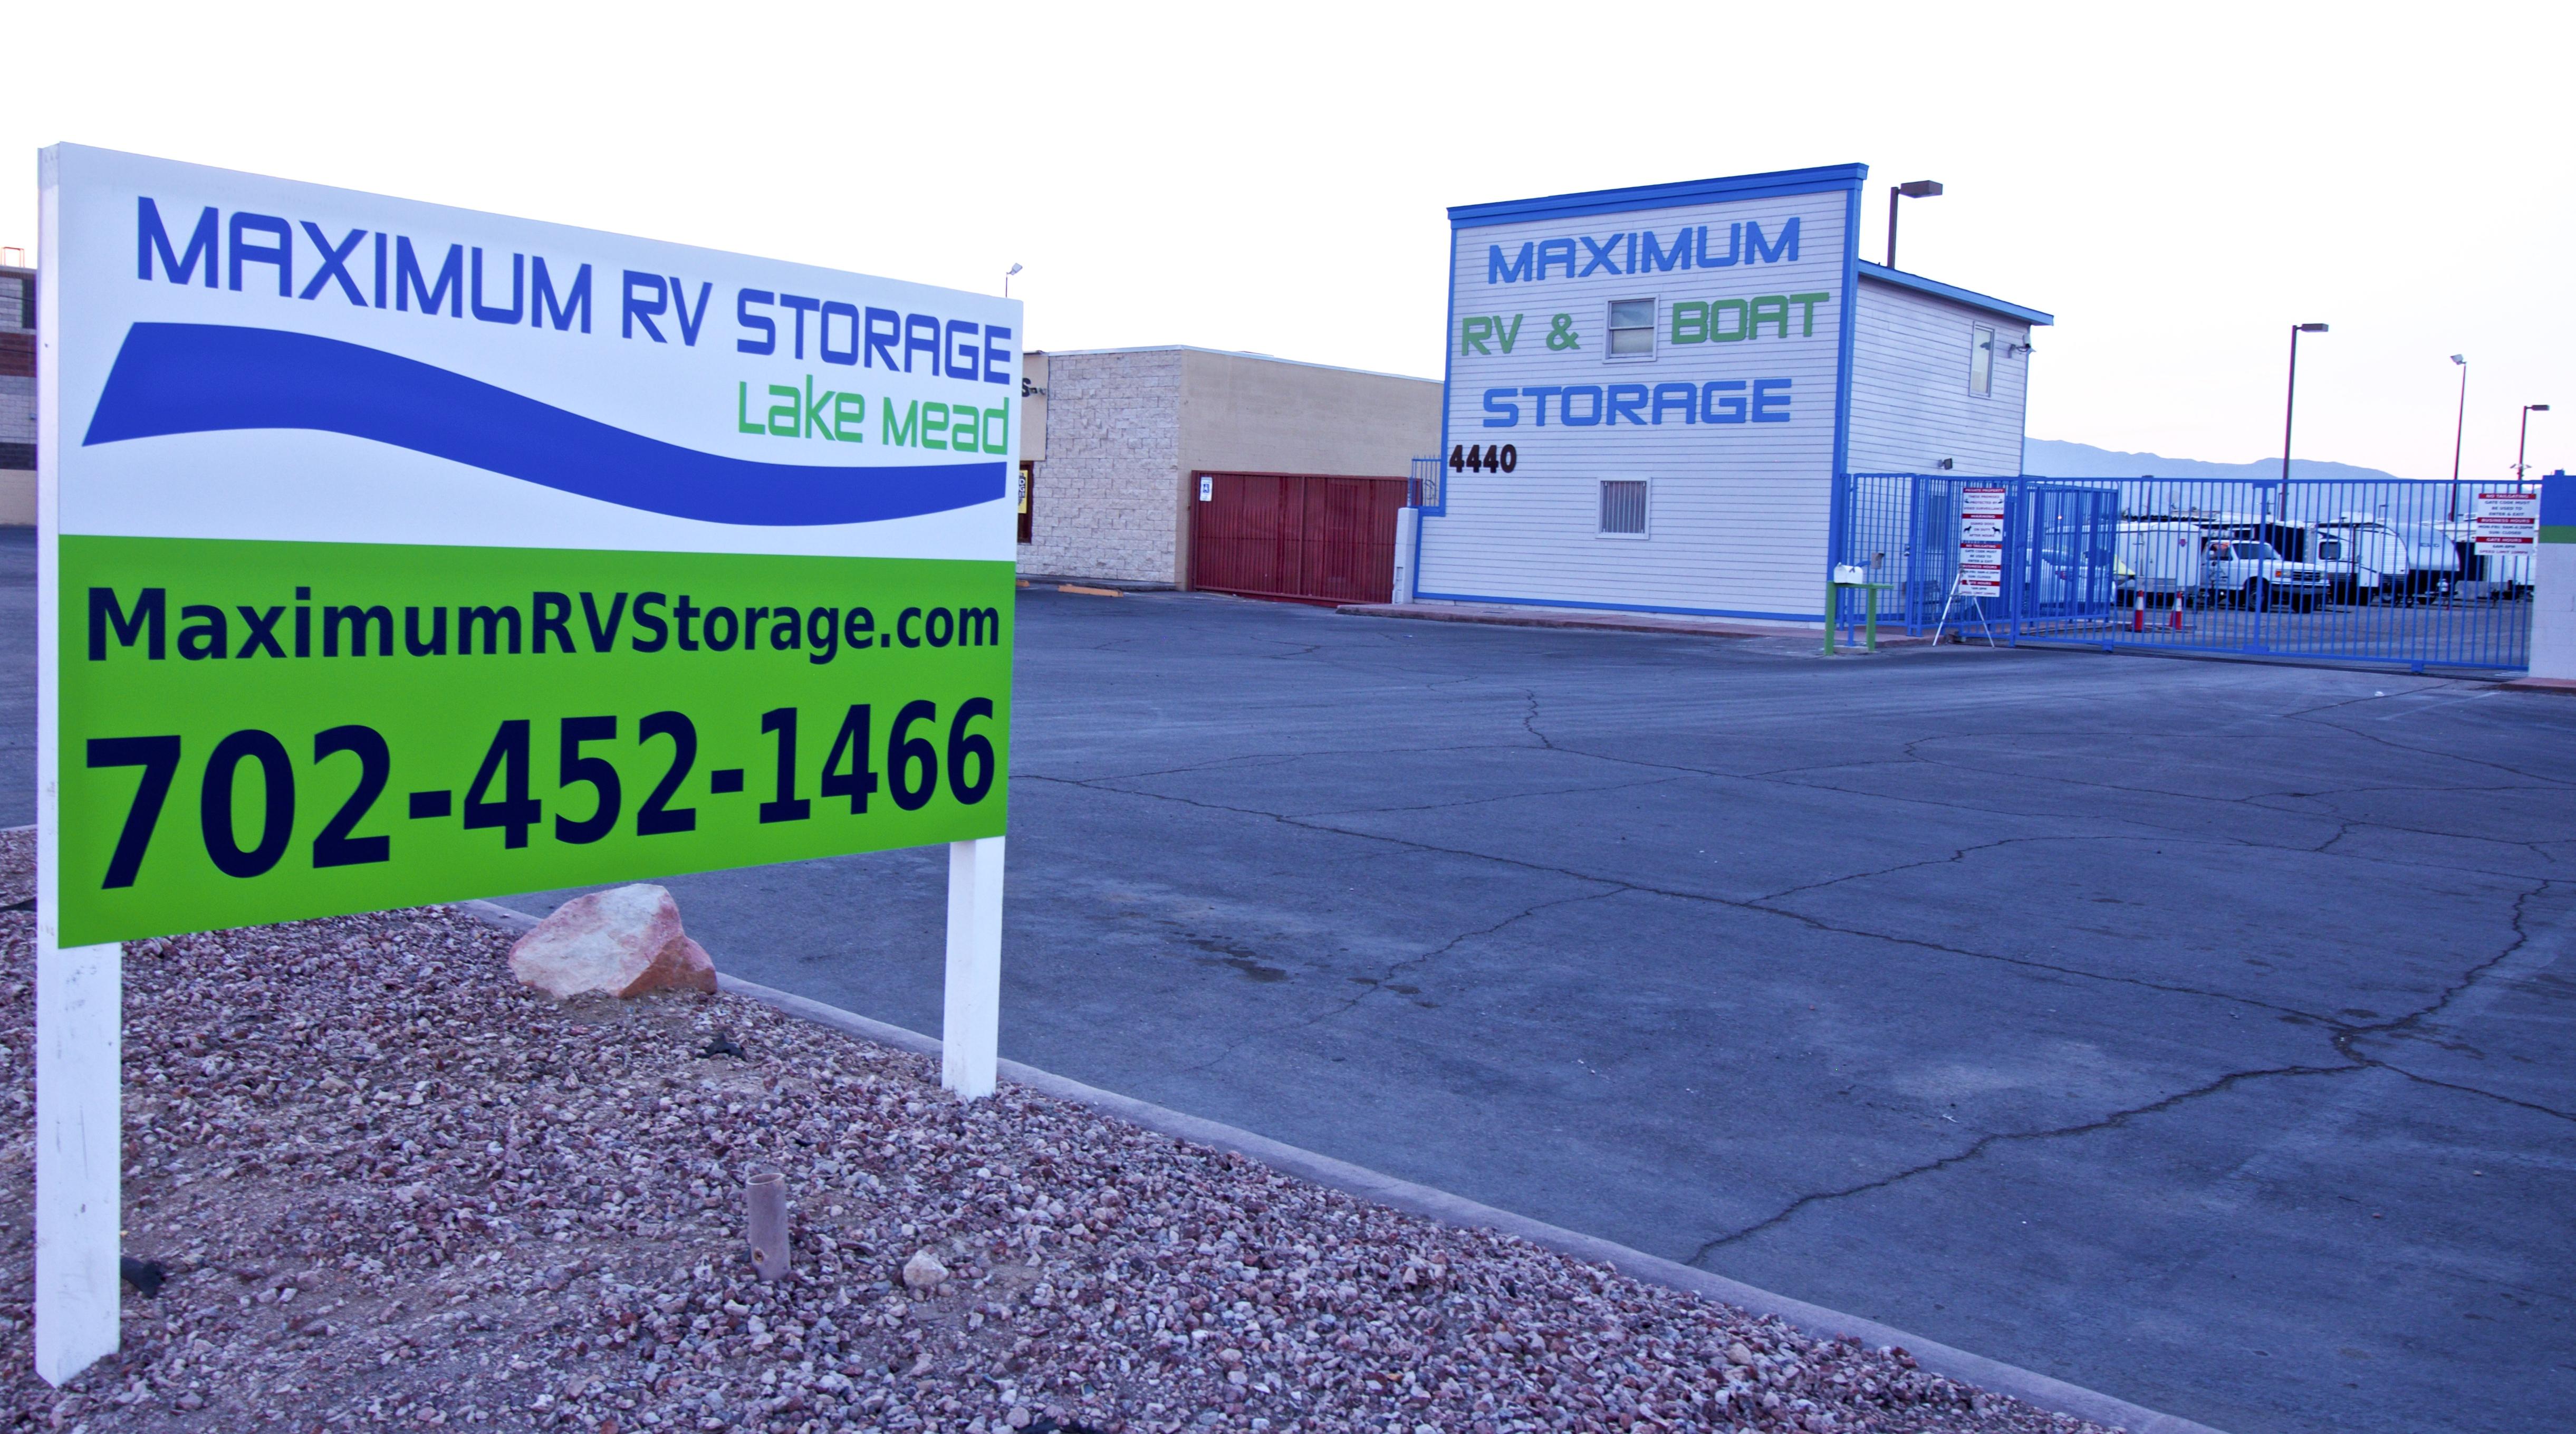 Maximum RV Storage Office